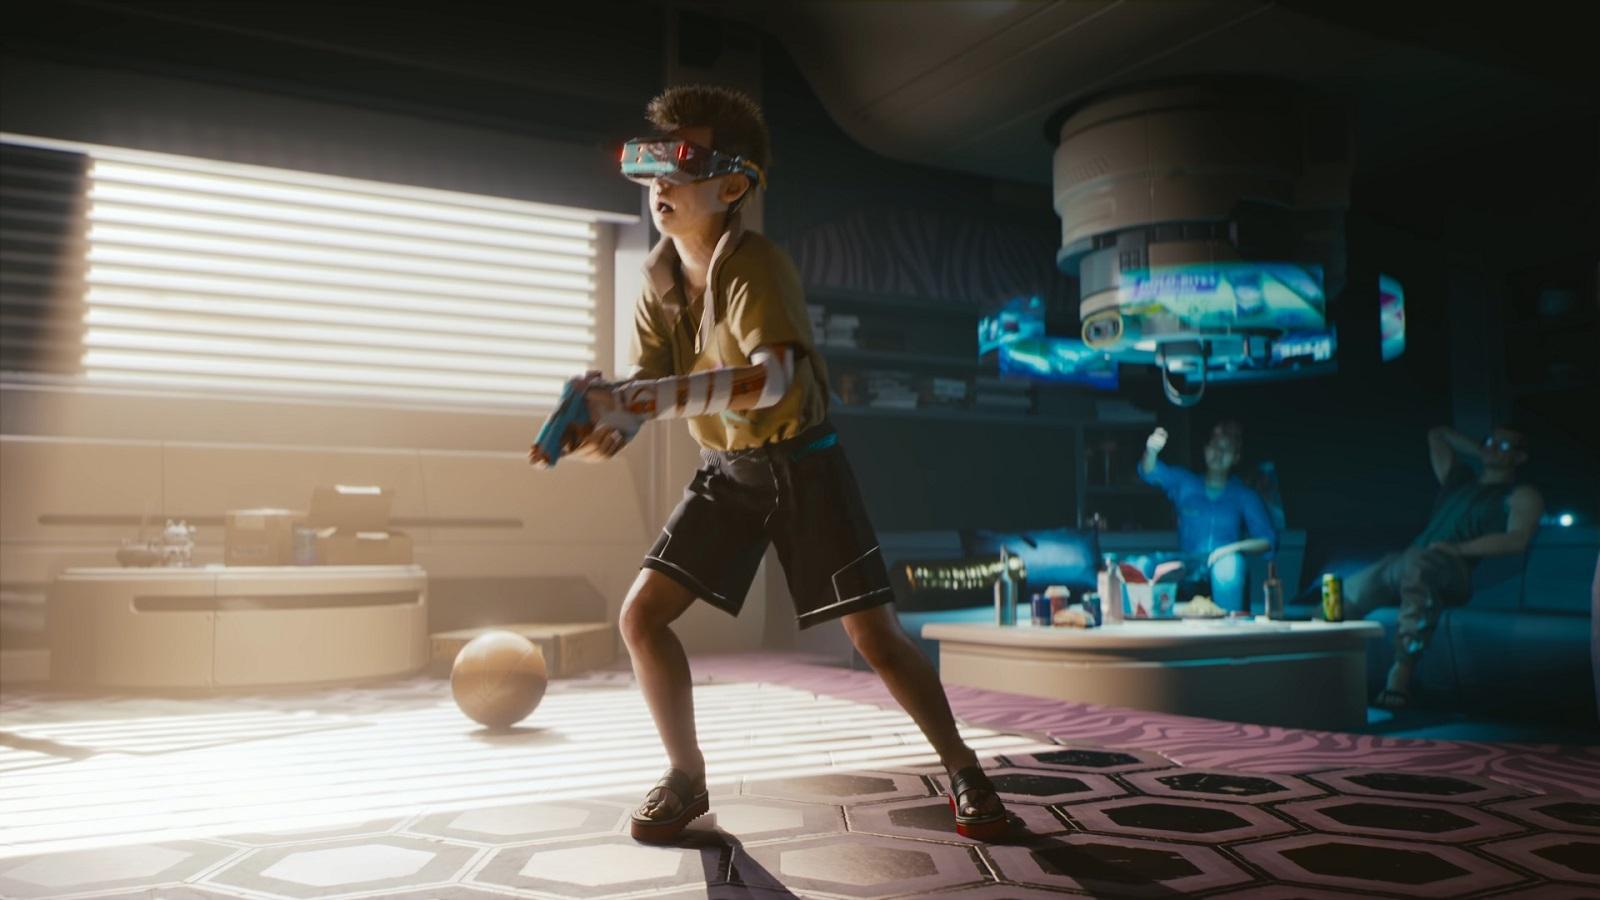 Cyberpunk 2077 VR